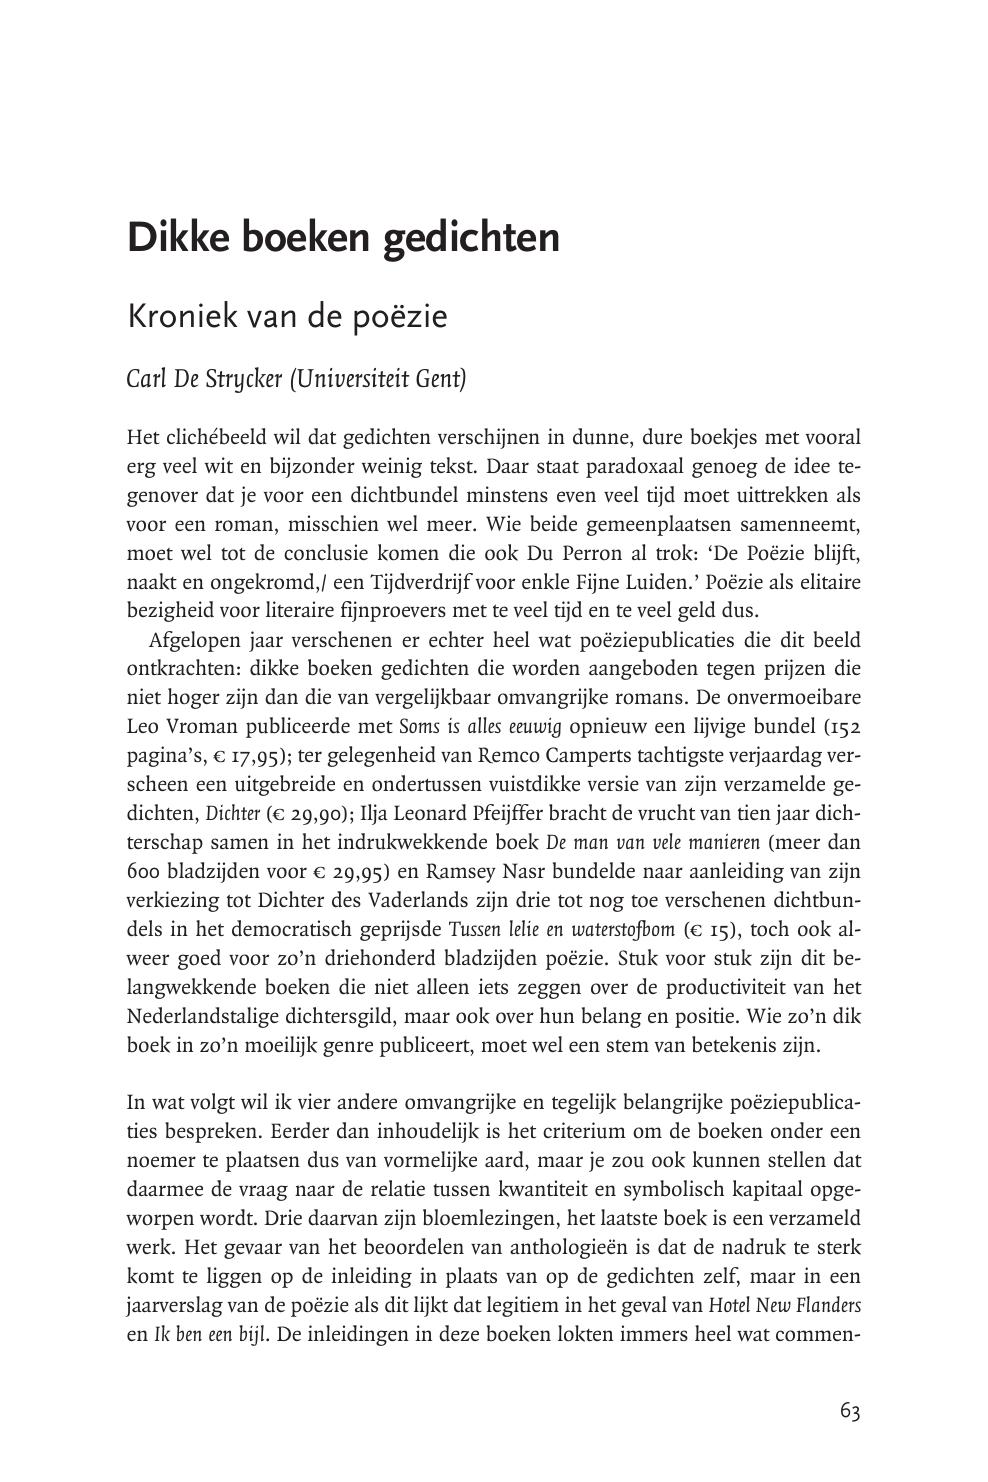 Dikke Boeken Gedichten Kroniek Van De Poëzie Topic Of